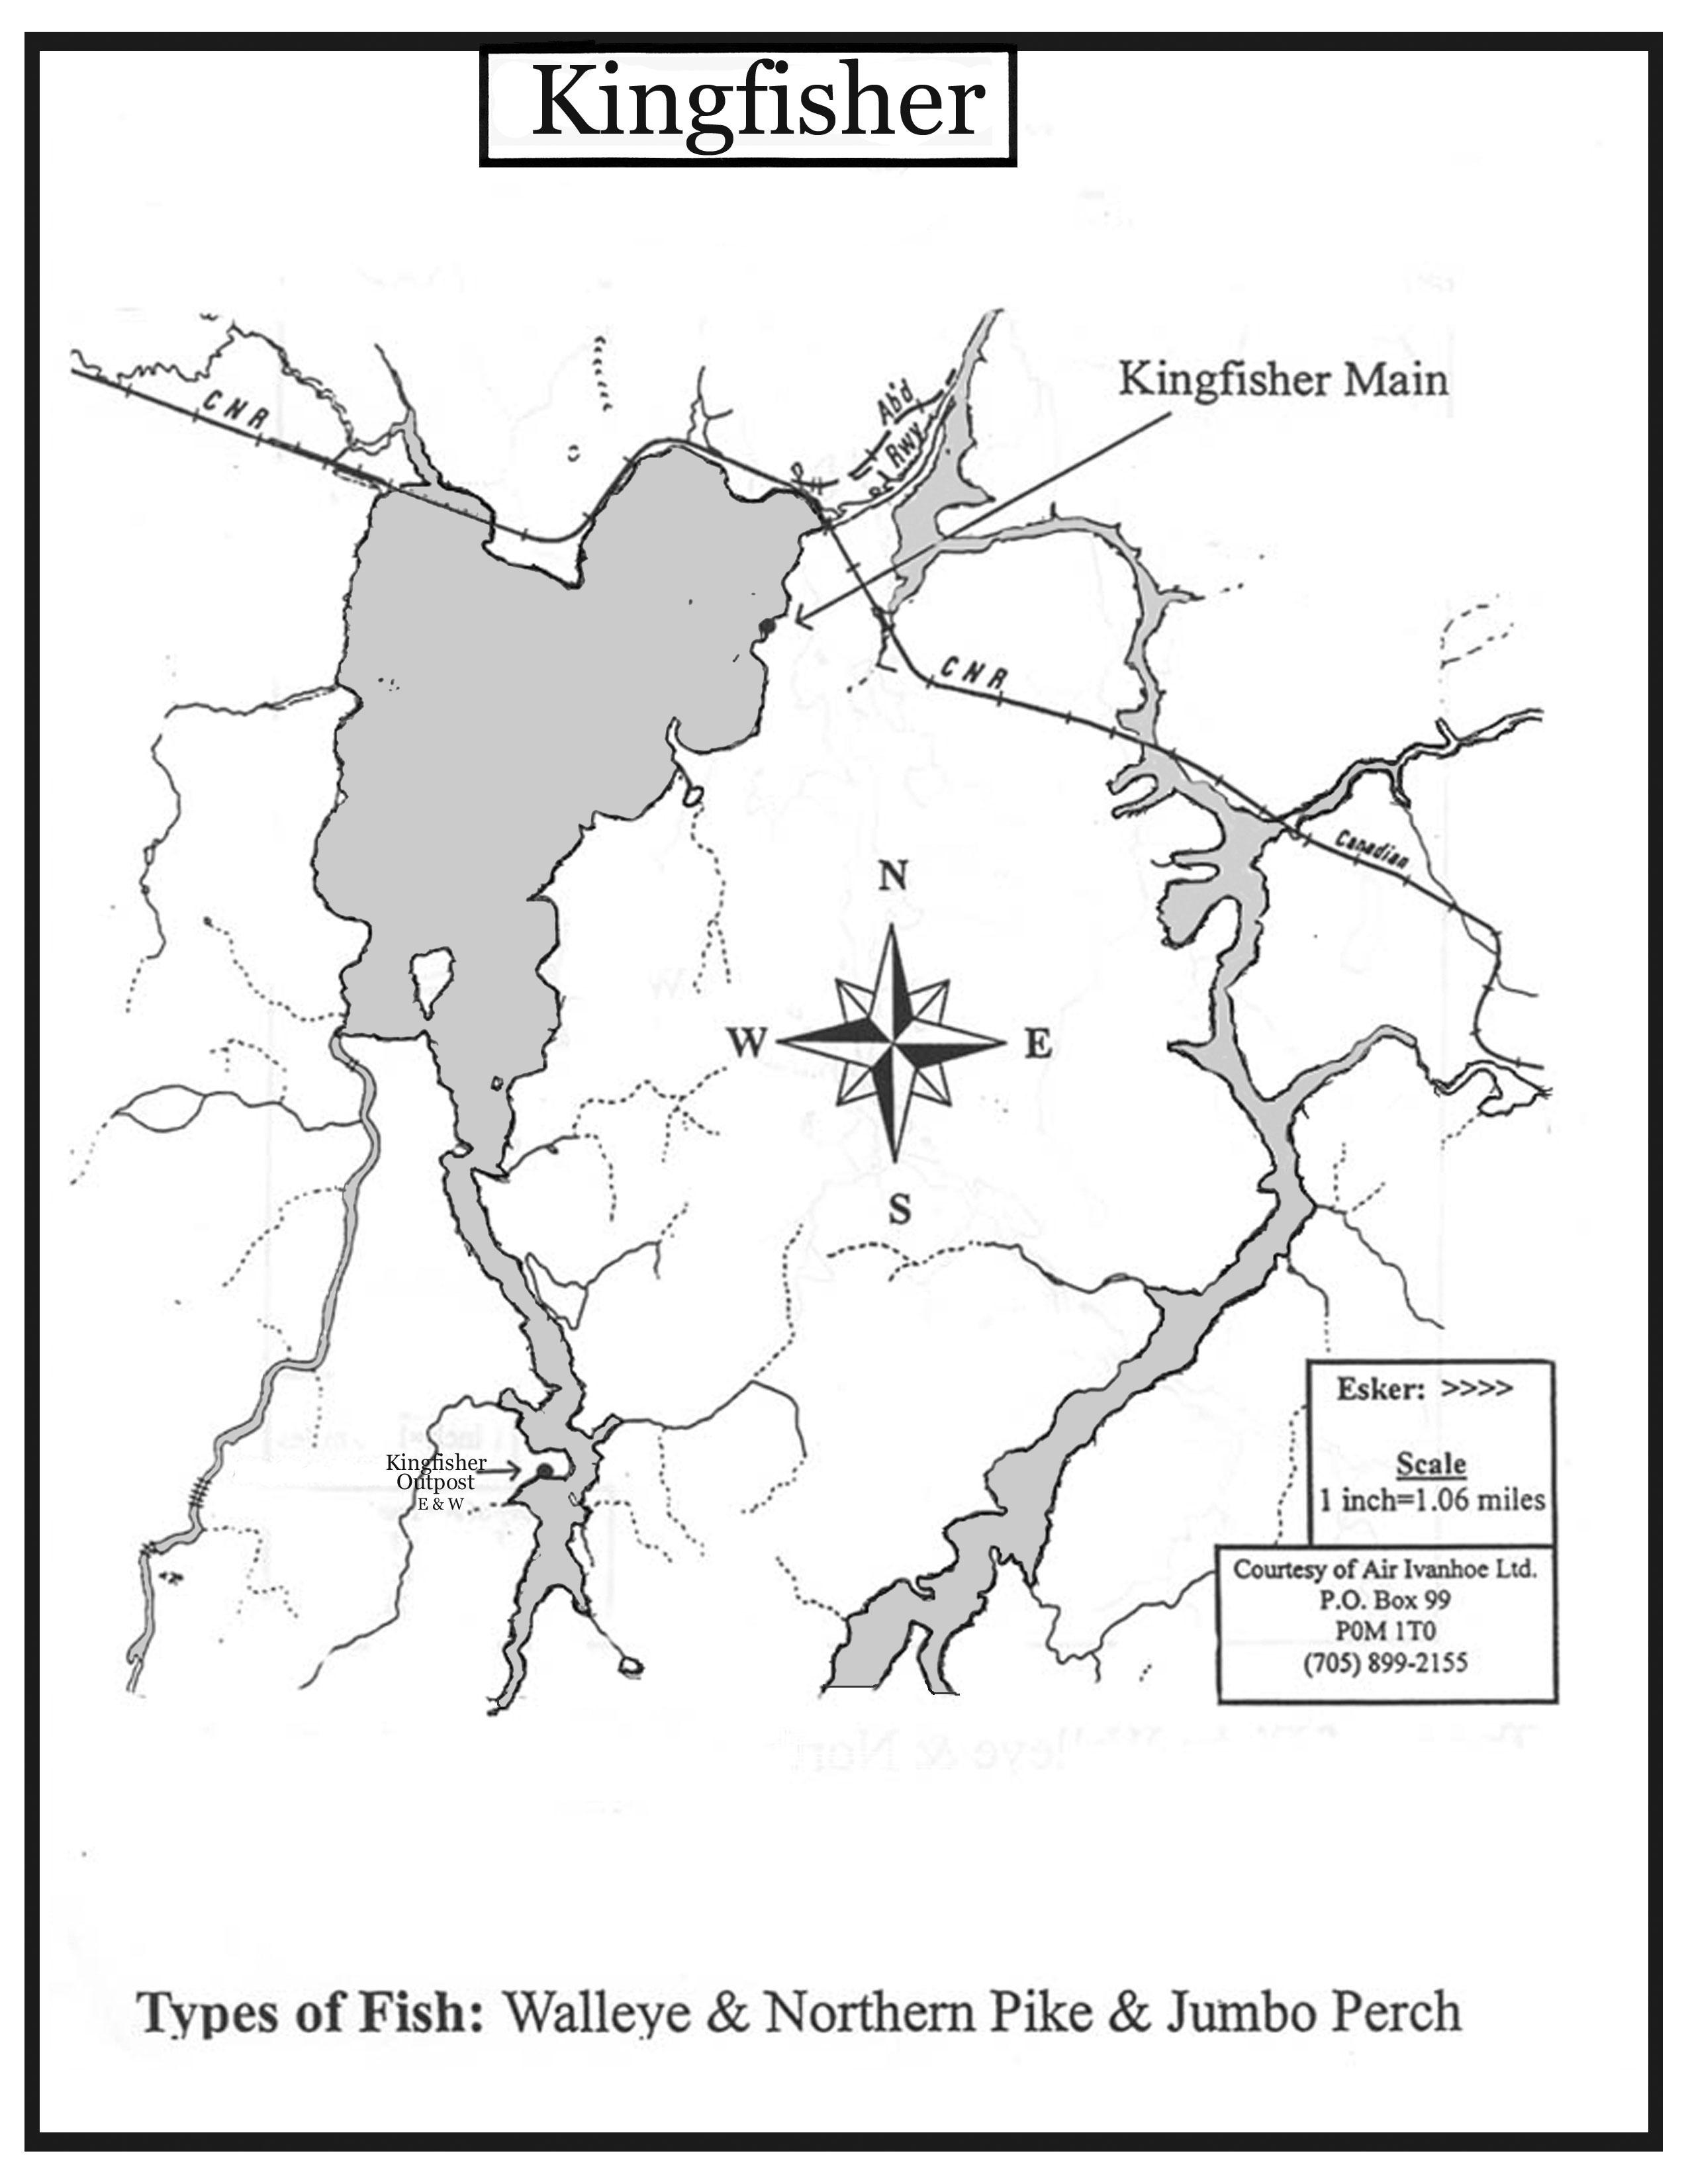 Air Ivanhoe Kingfisher Outpost on Kapuskasing Lake